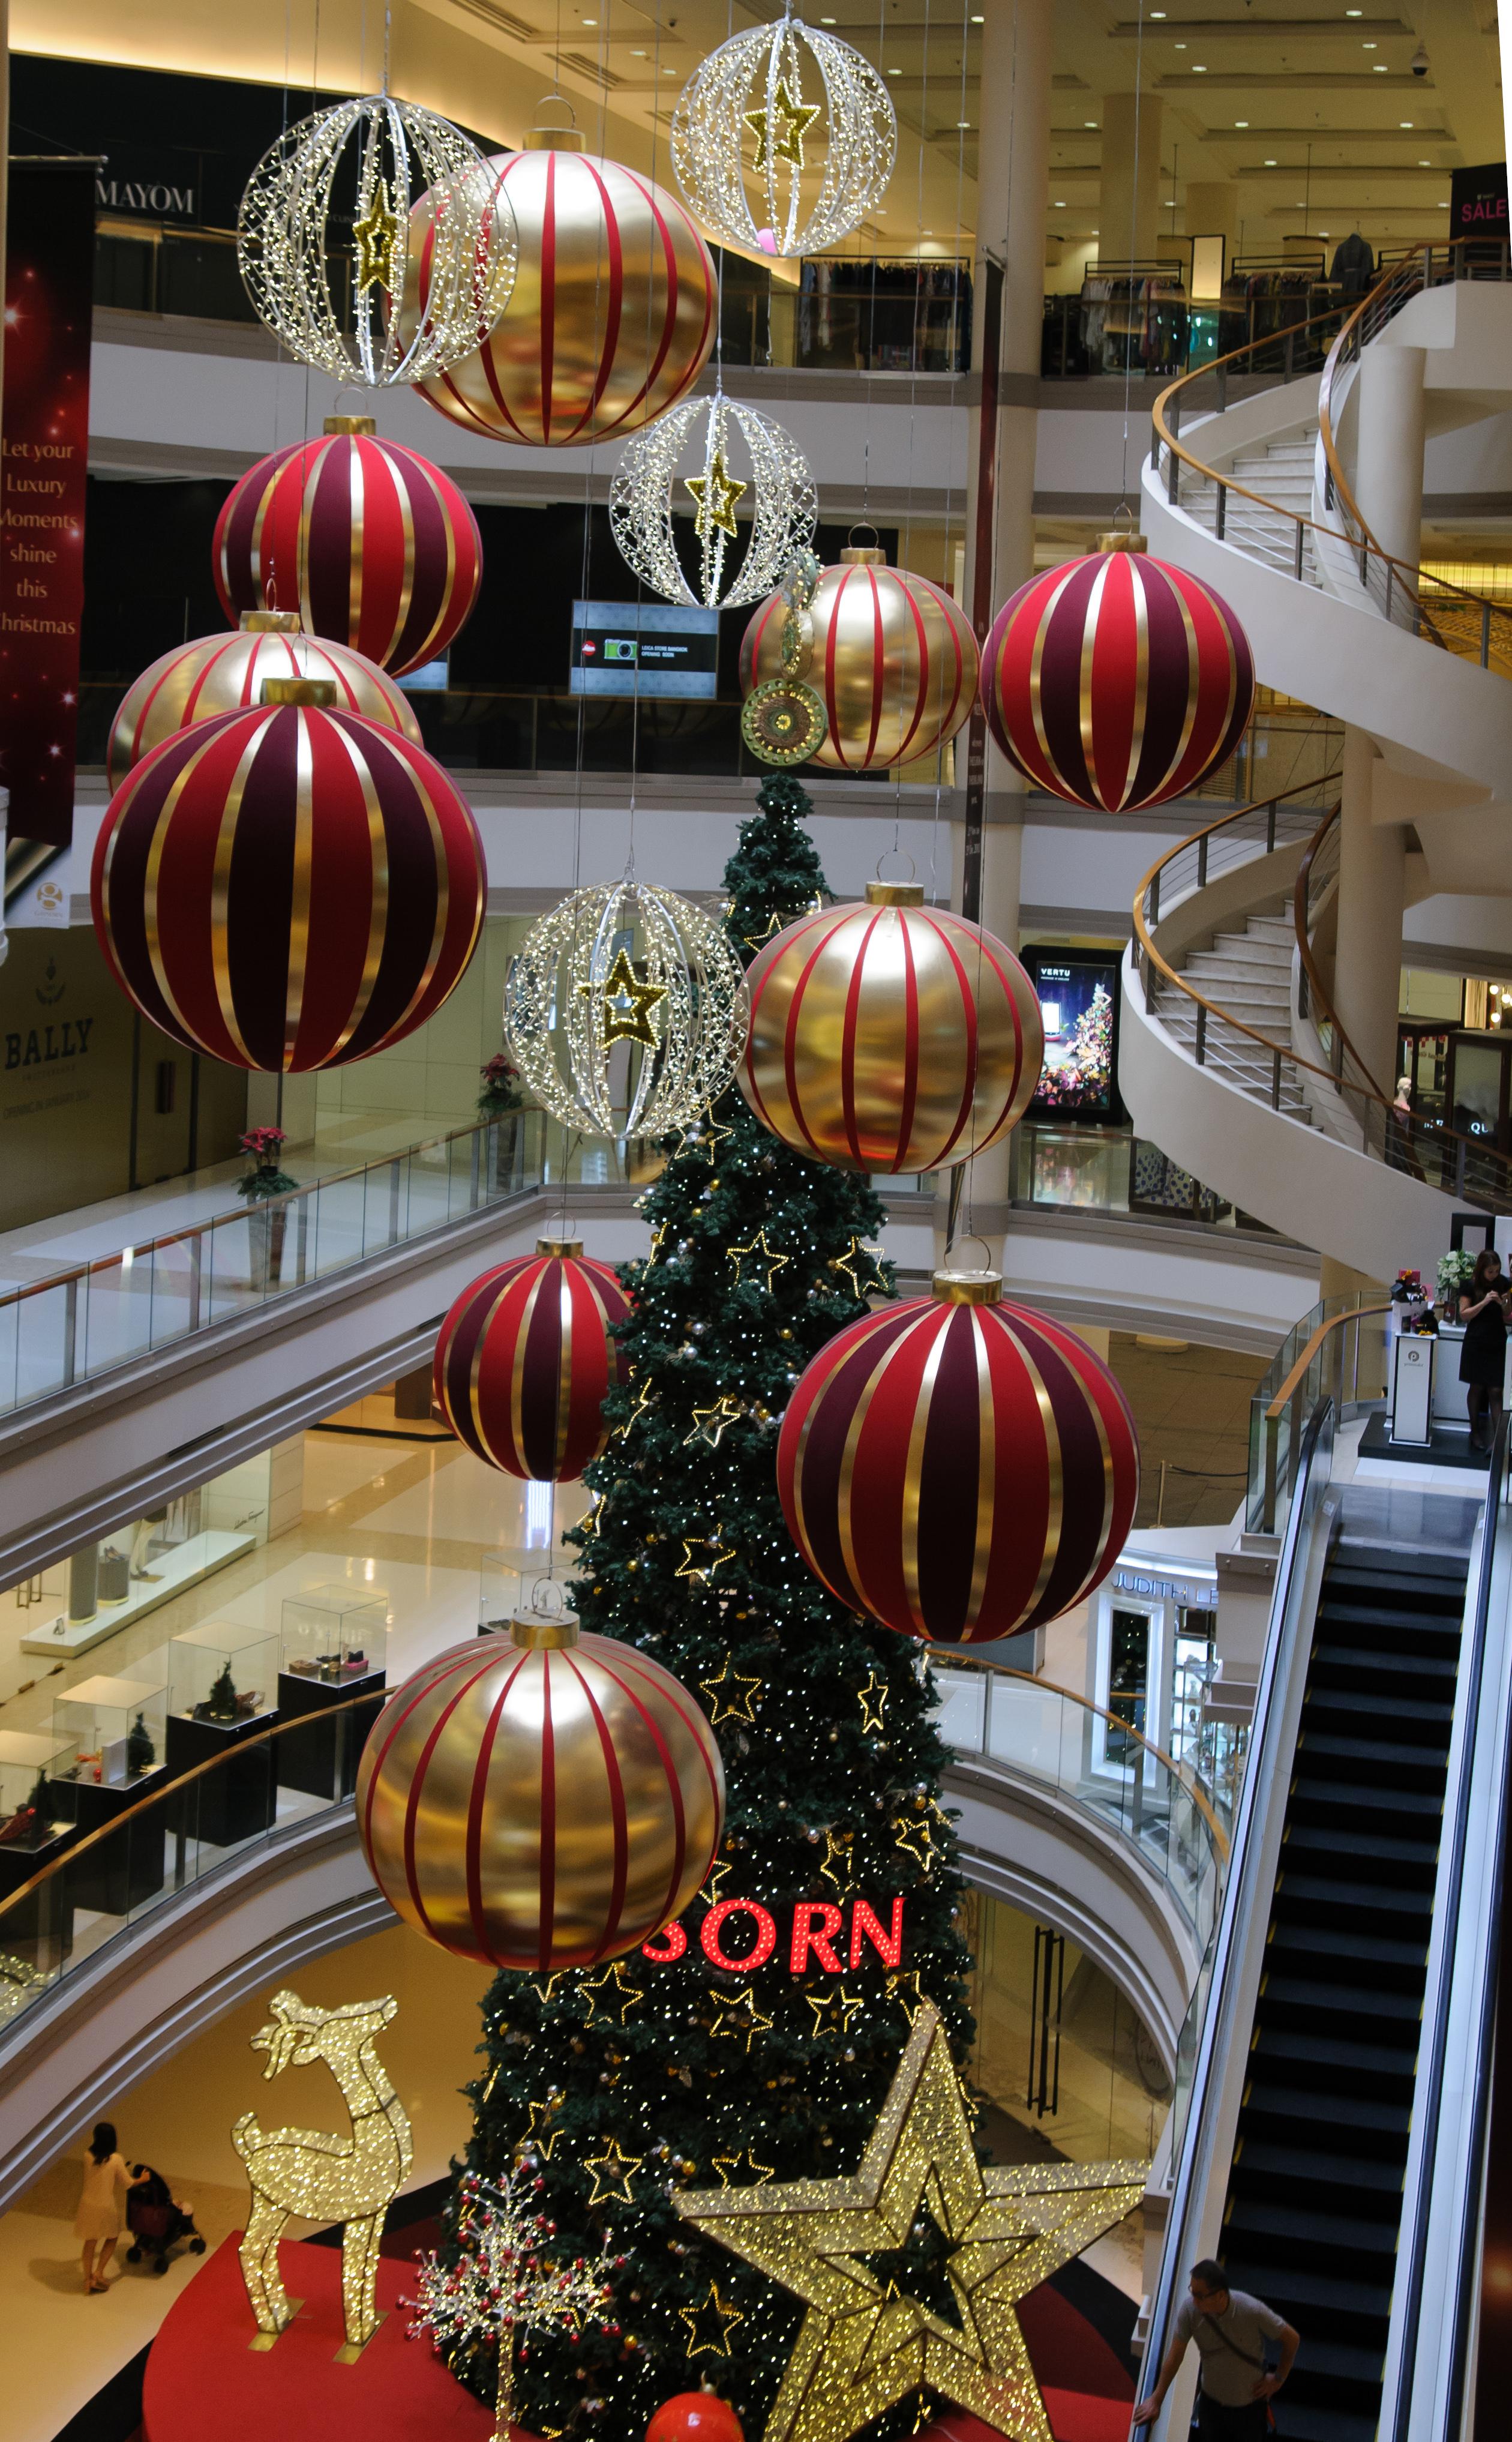 Gambar Liburan Nikon Hari Natal Desain Interior Dekorasi